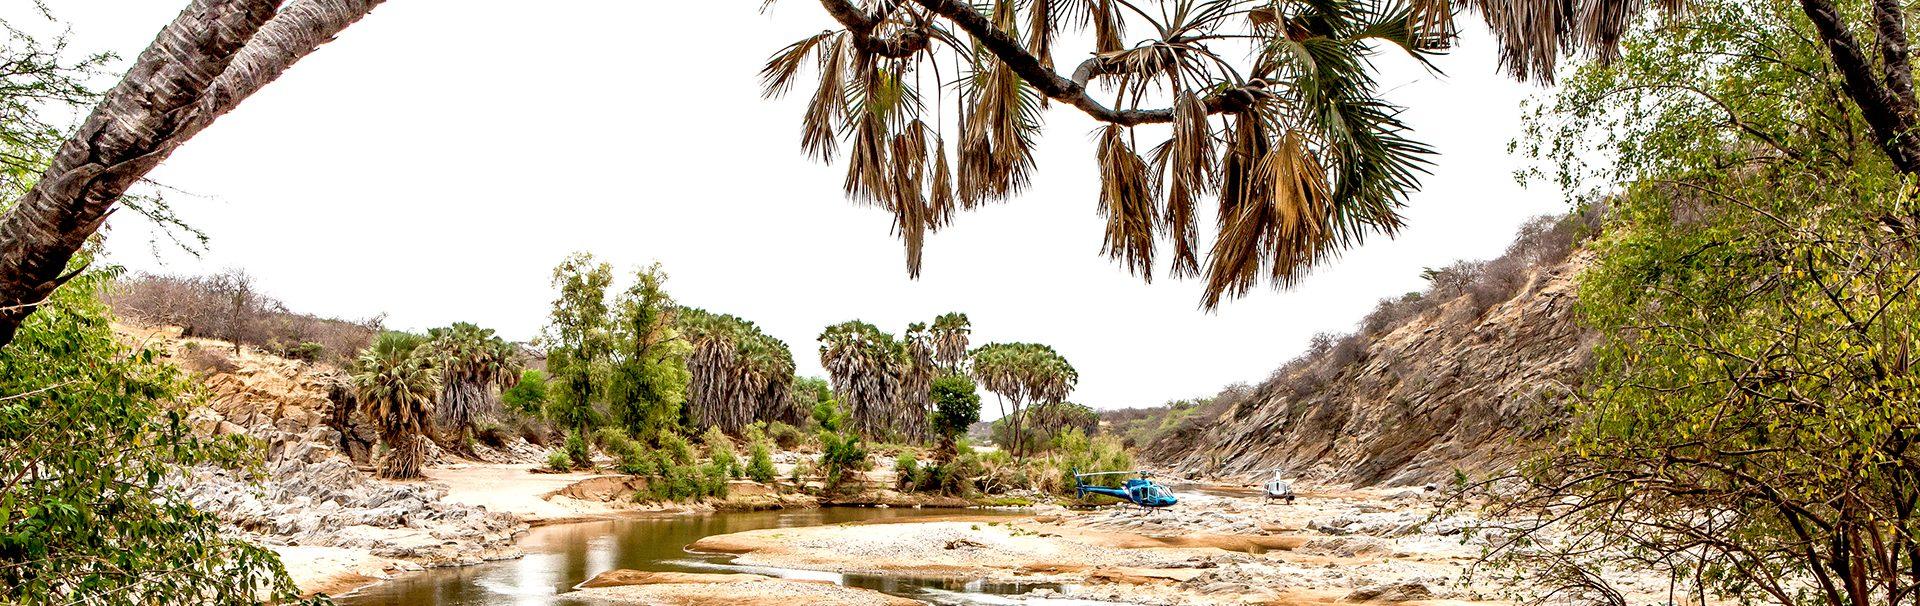 Ewaso Nyiro River, Samburu @ Michael Poliza